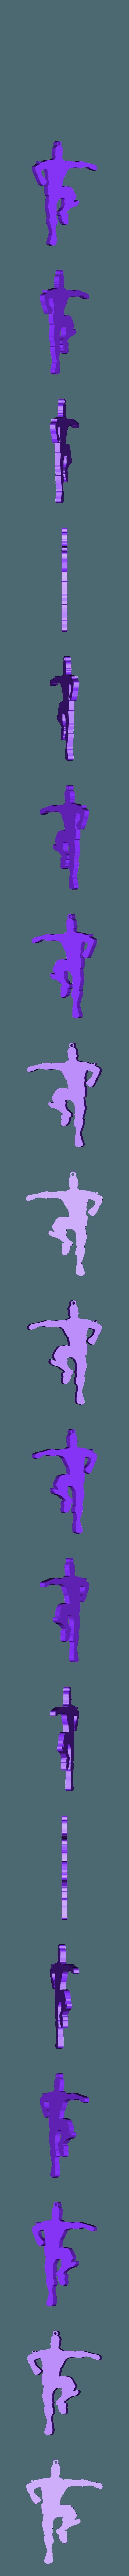 BAILECITO (BEST MATES).stl Télécharger fichier STL gratuit BEST MATES - PORTE-CLÉS FORTNITE DANCE • Modèle pour impression 3D, MagnusBee